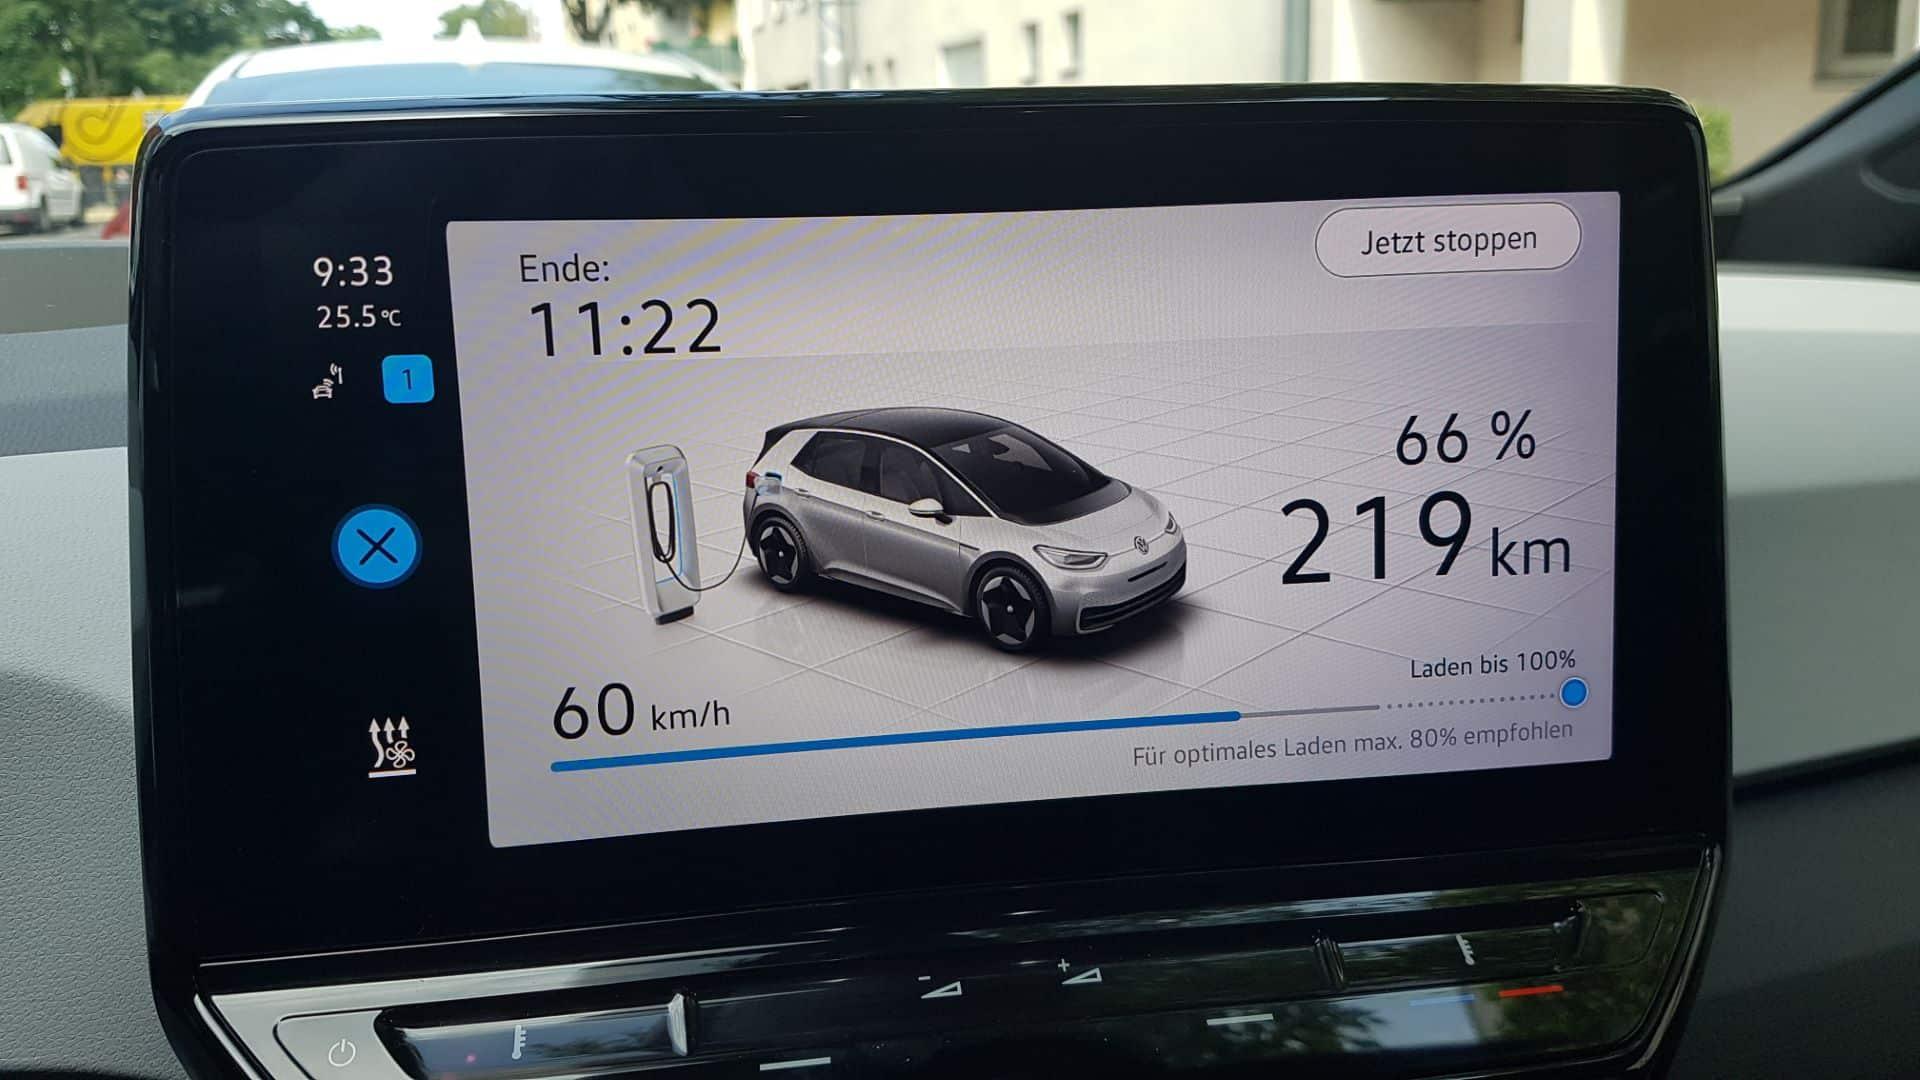 Volkswagen ID.3 - Praxistest | 20210623 093304 Display min